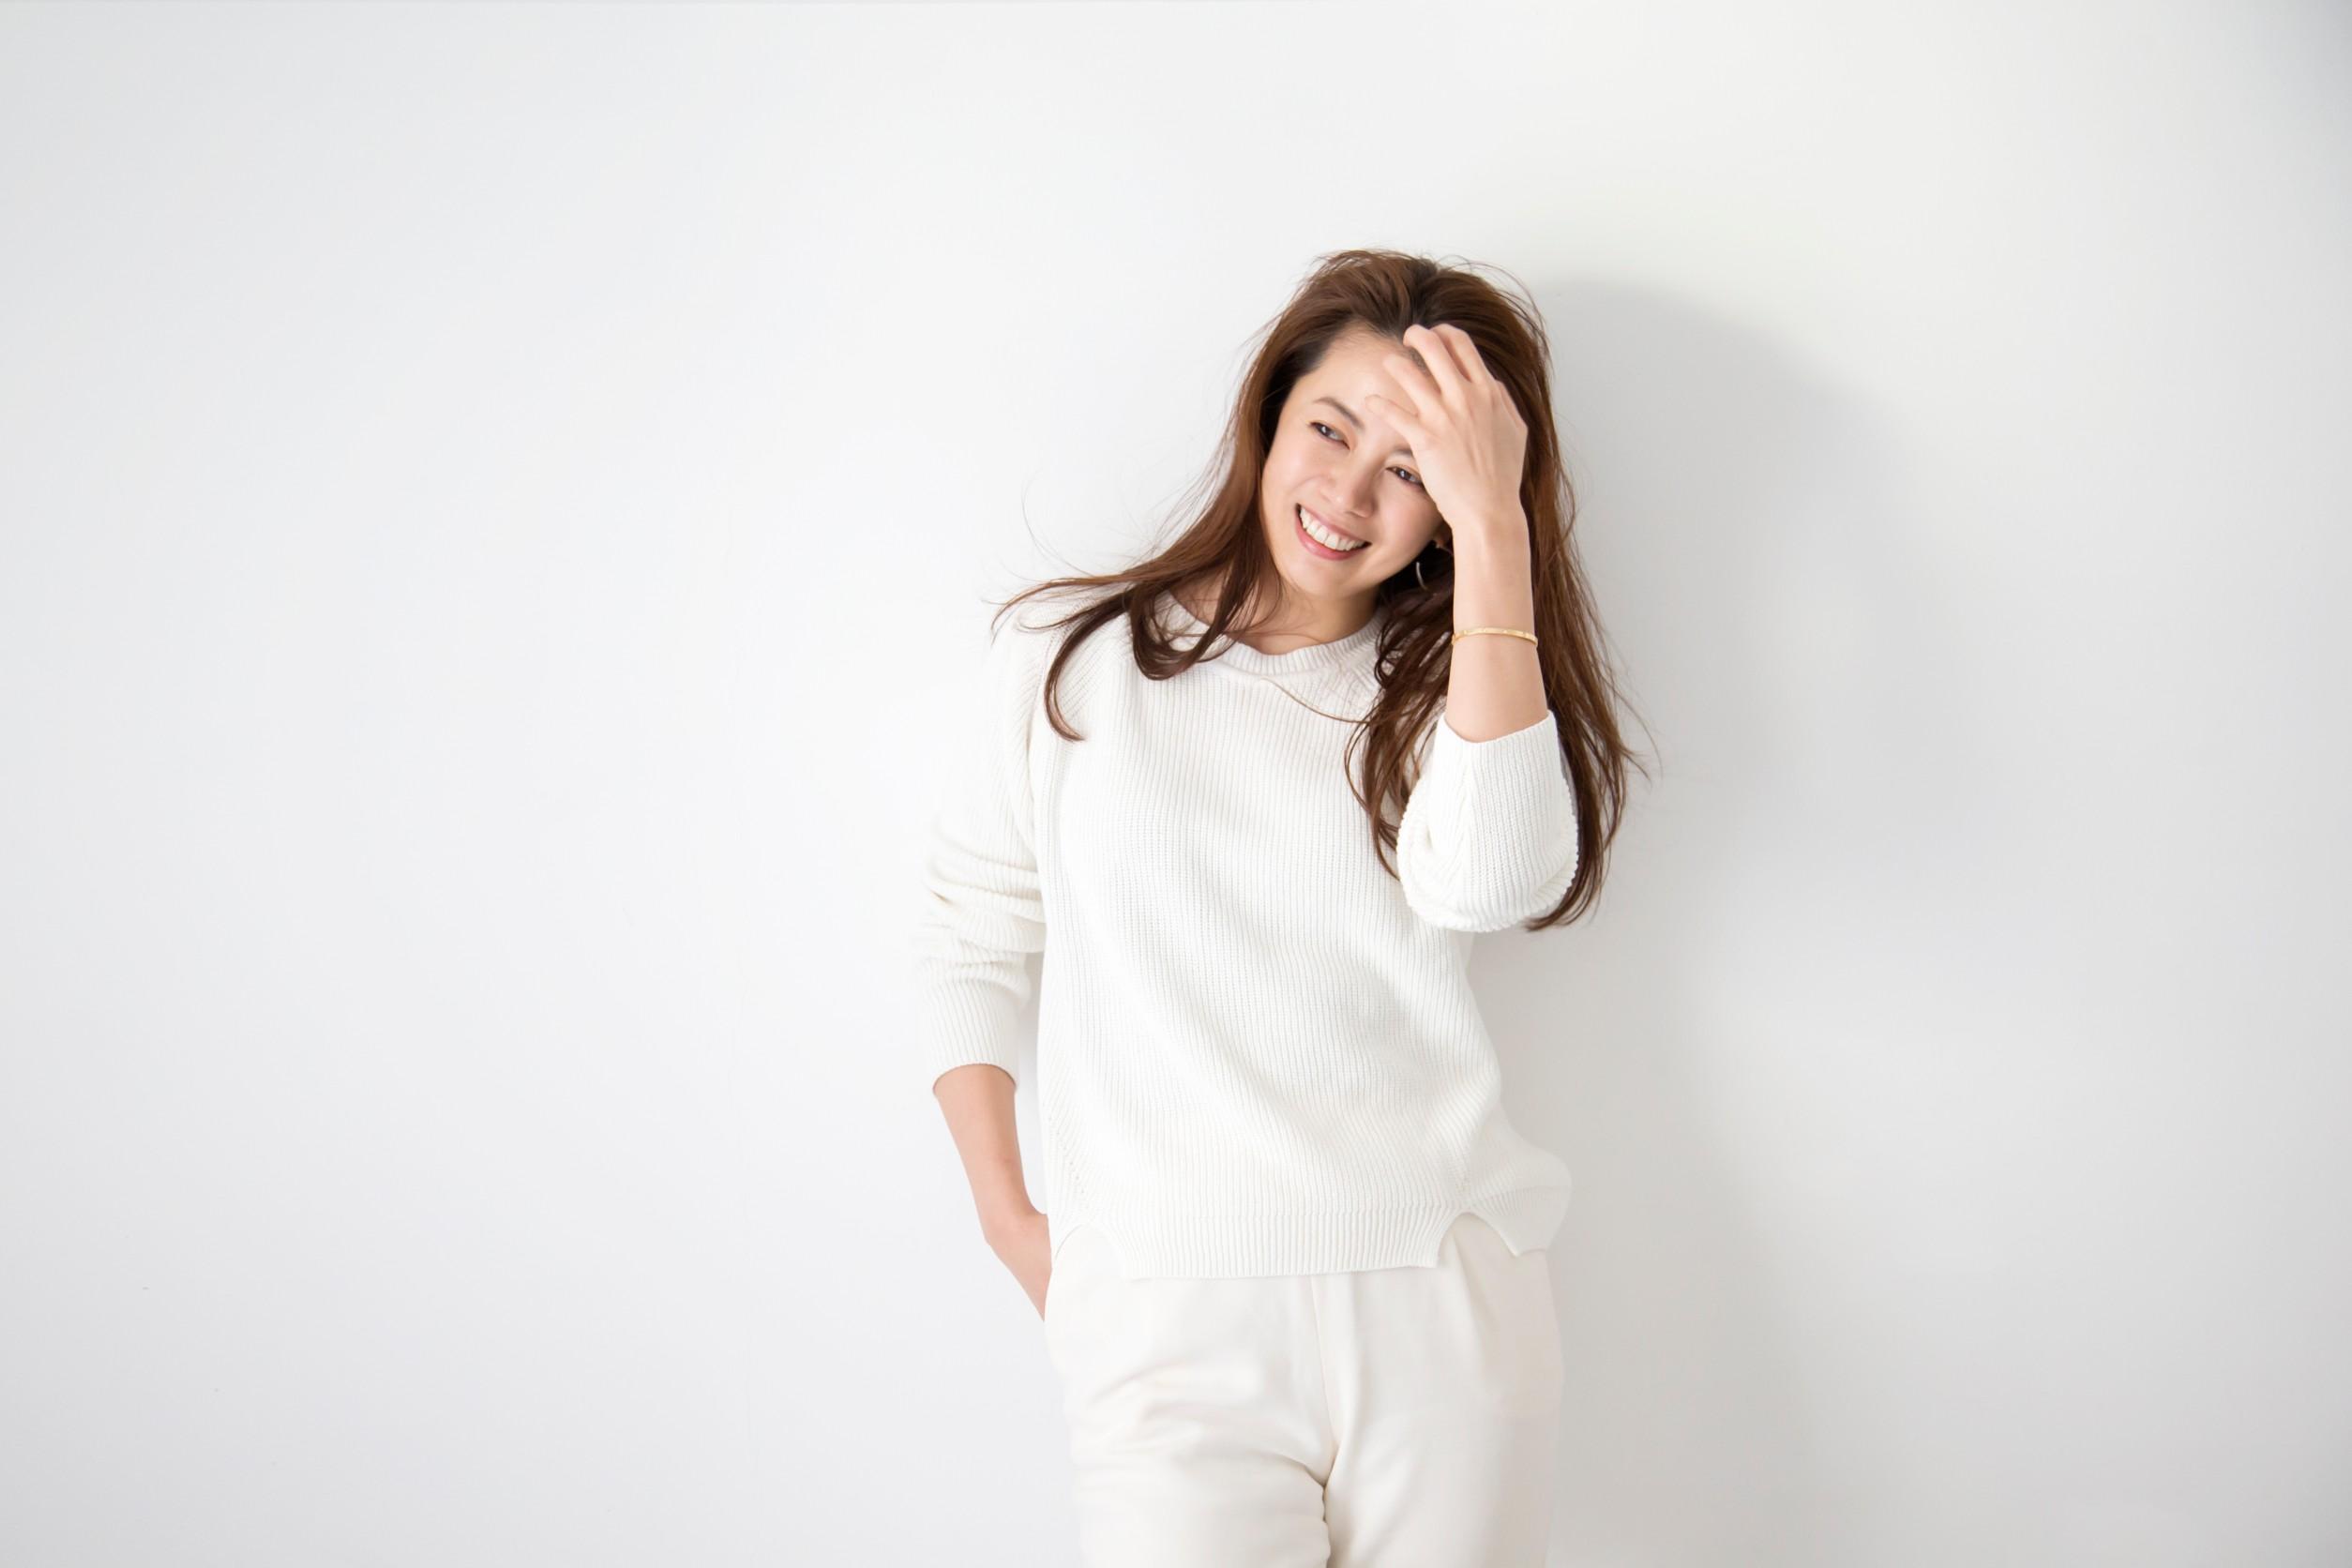 モデル中林美和。NiziU(ニジュー)RIMA(リマ)の母親(ママ)。